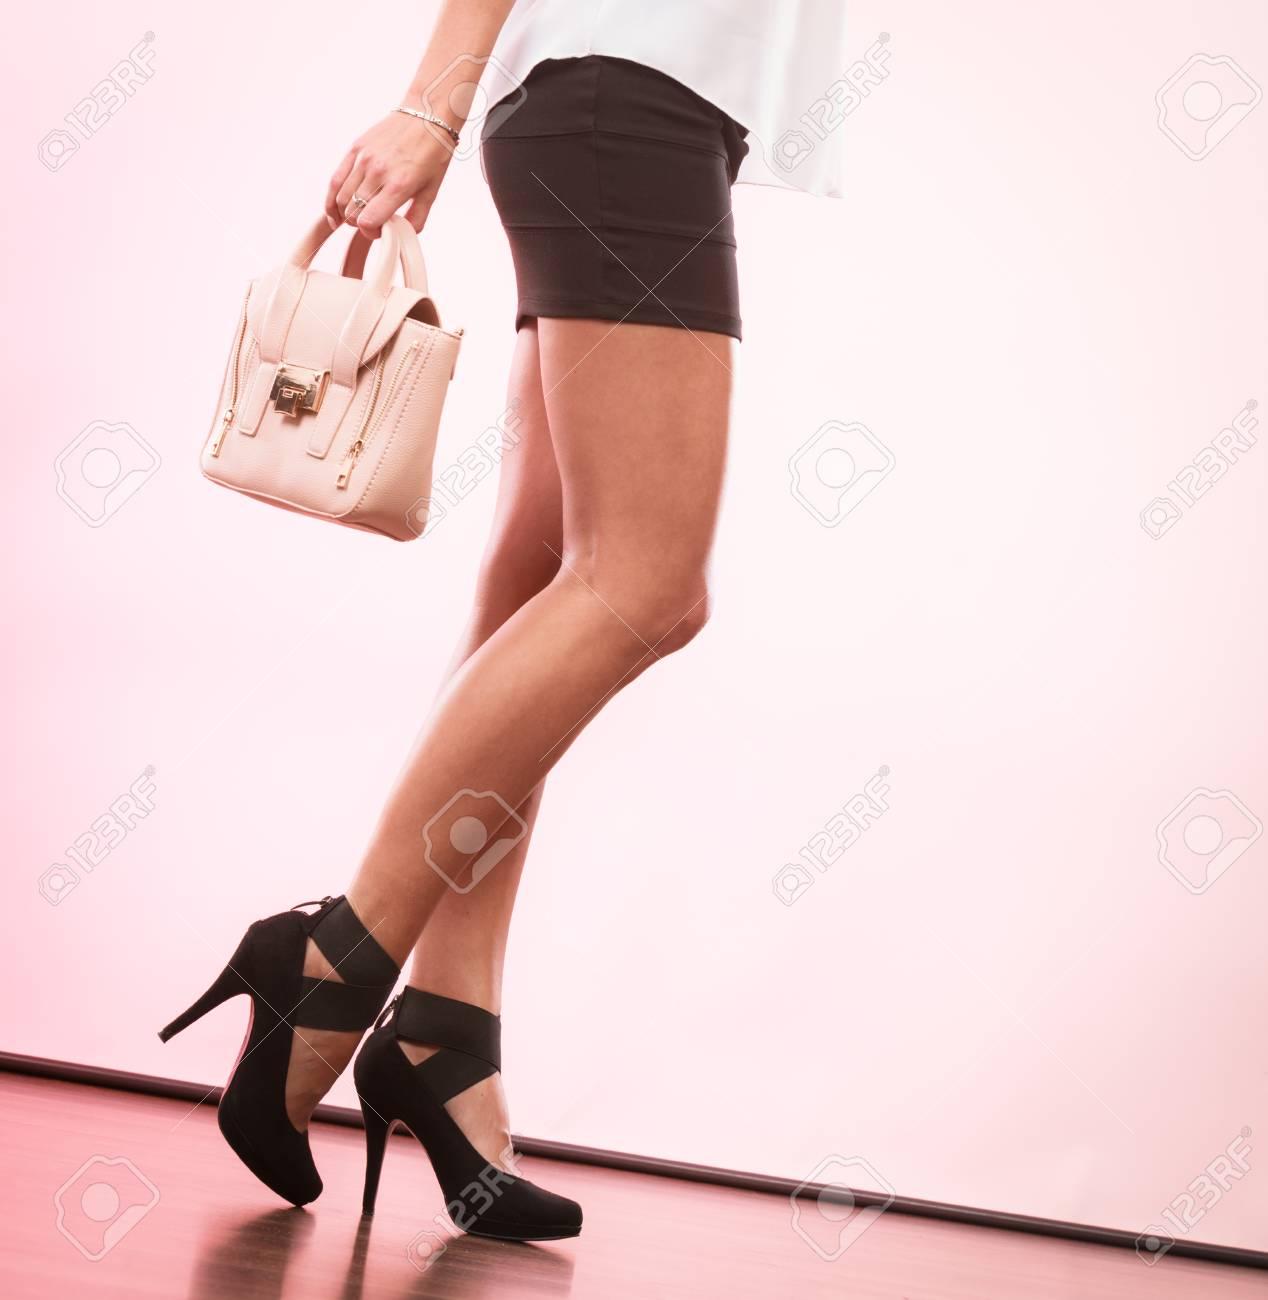 26d9afa951fd35 Banque d images - Tenue élégante. Mode féminine. Fille à la mode des  chaussures à talons hauts chaussures jupe courte sac à main sac à main.